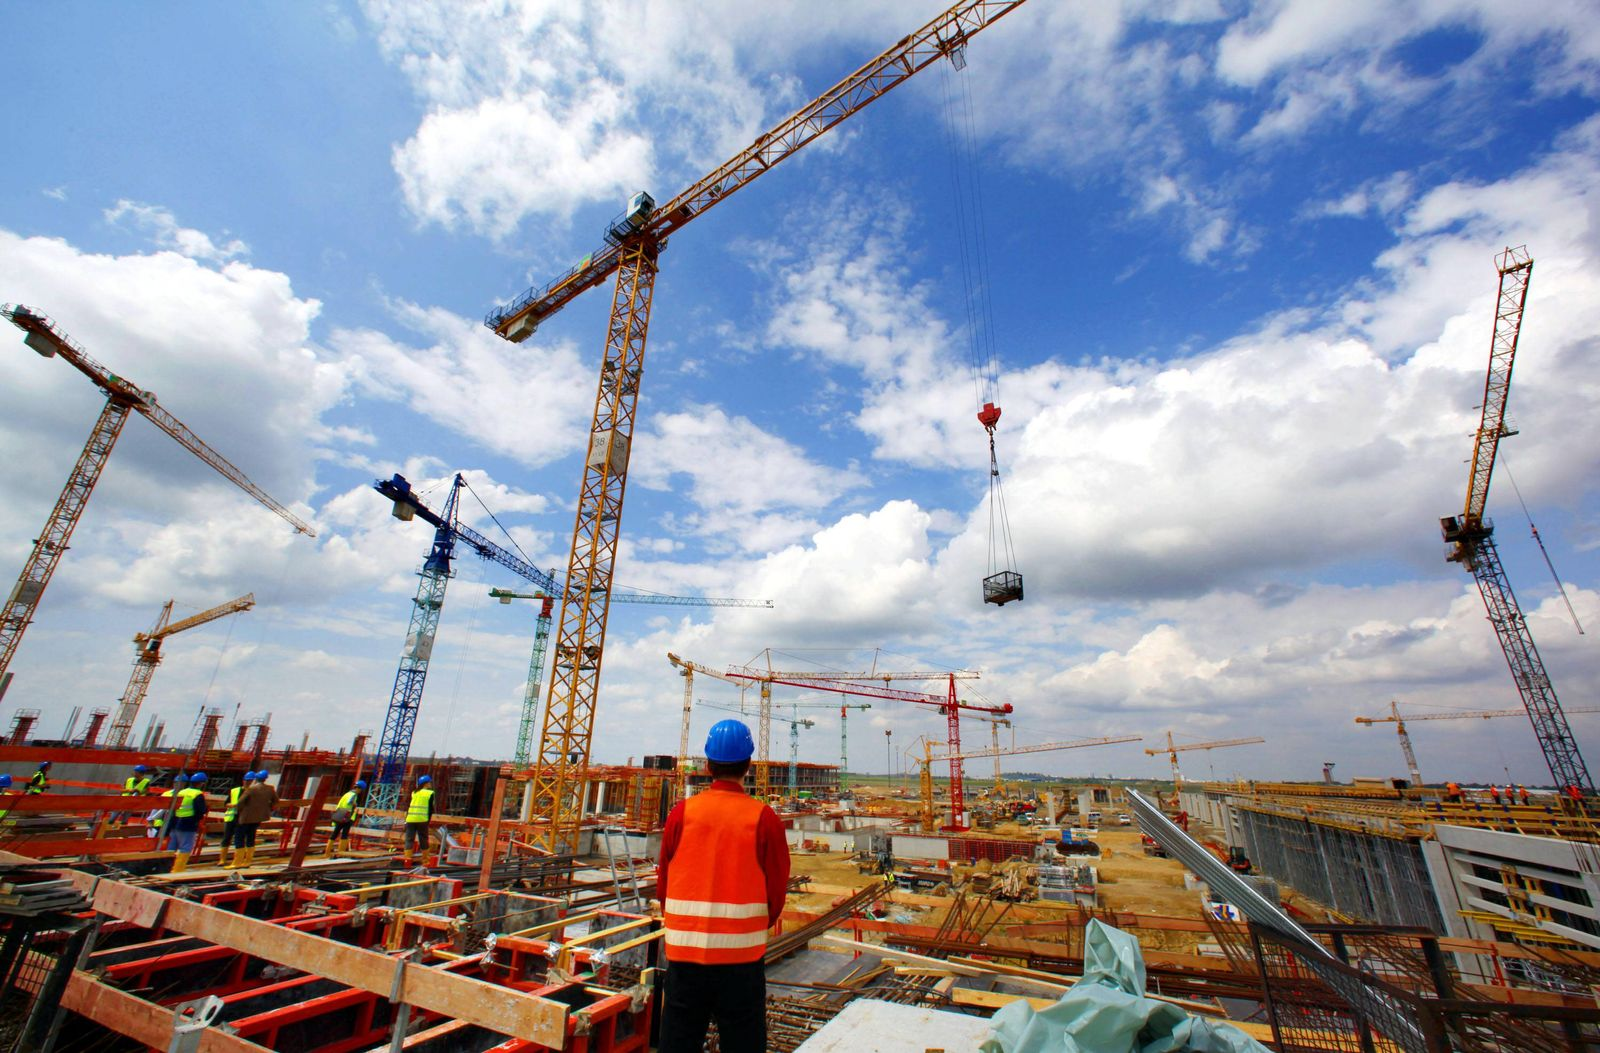 NICHT VERWENDEN Konjunktur / Baustelle